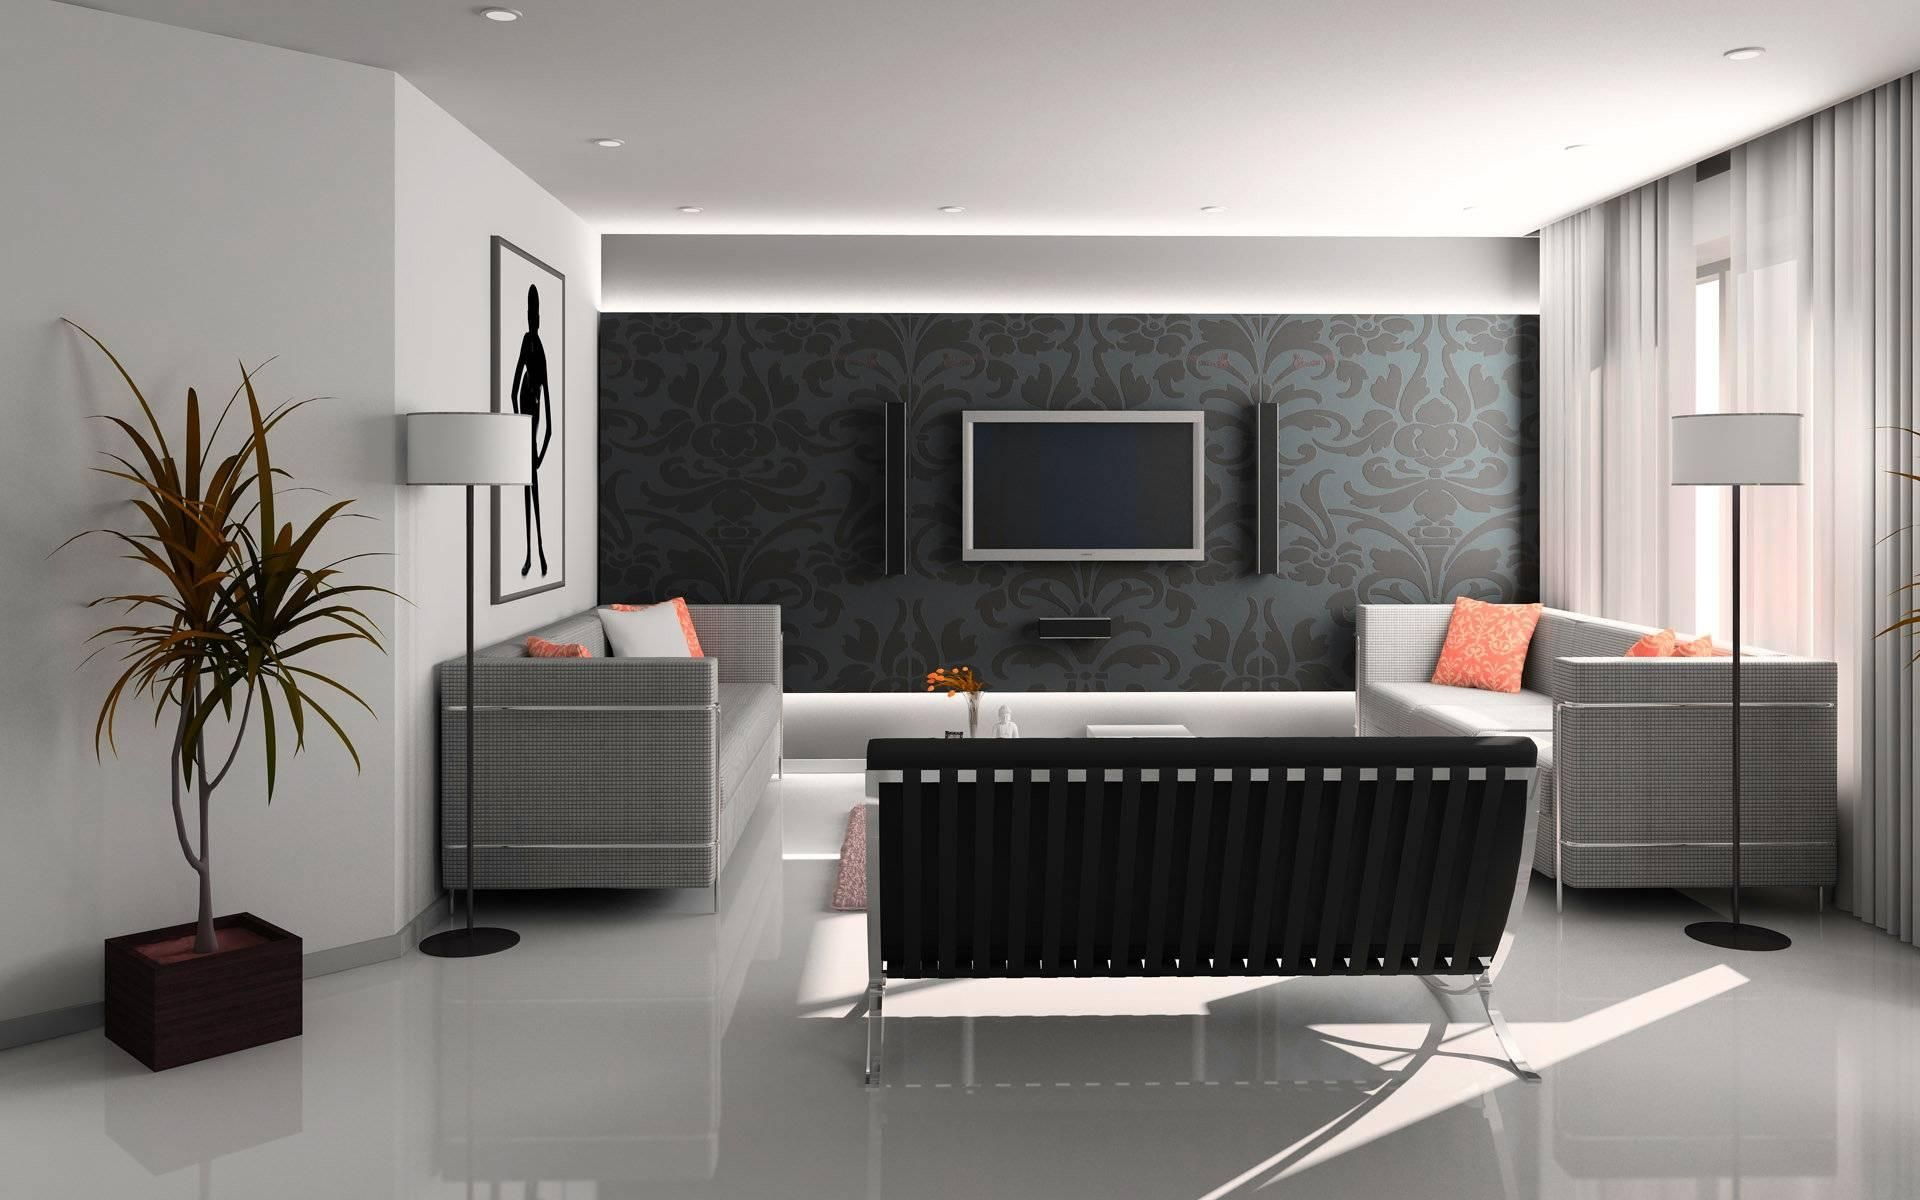 Wandgestaltung Ideen Farbe Wohnzimmer #3 | LICHT | Pinterest | Idee ...